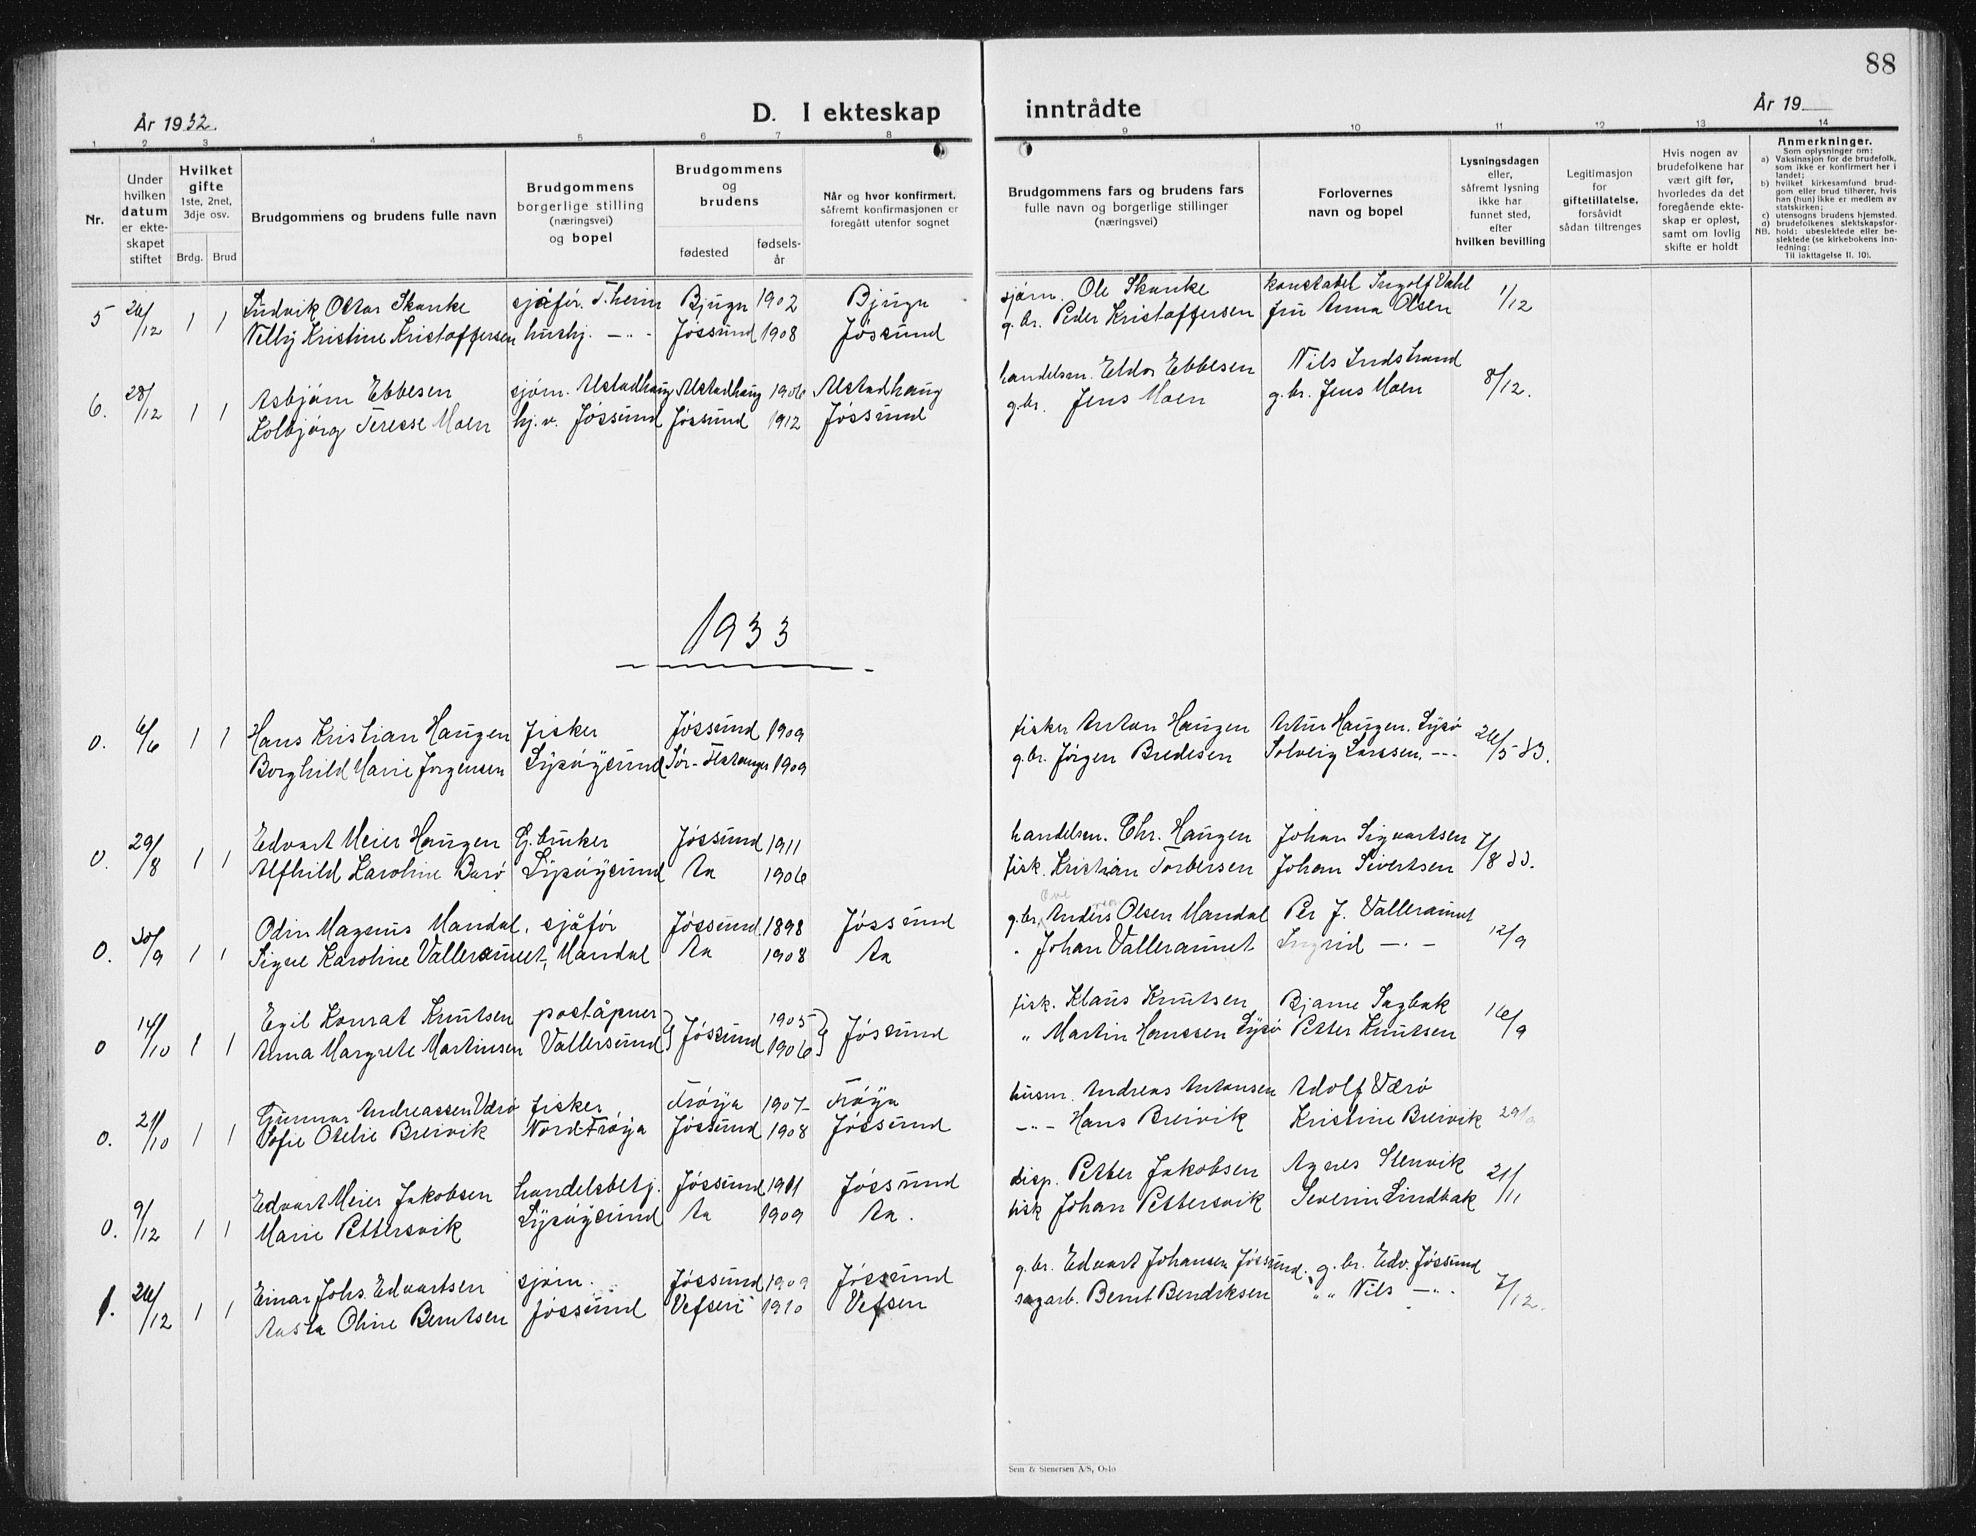 SAT, Ministerialprotokoller, klokkerbøker og fødselsregistre - Sør-Trøndelag, 654/L0667: Klokkerbok nr. 654C03, 1924-1939, s. 88